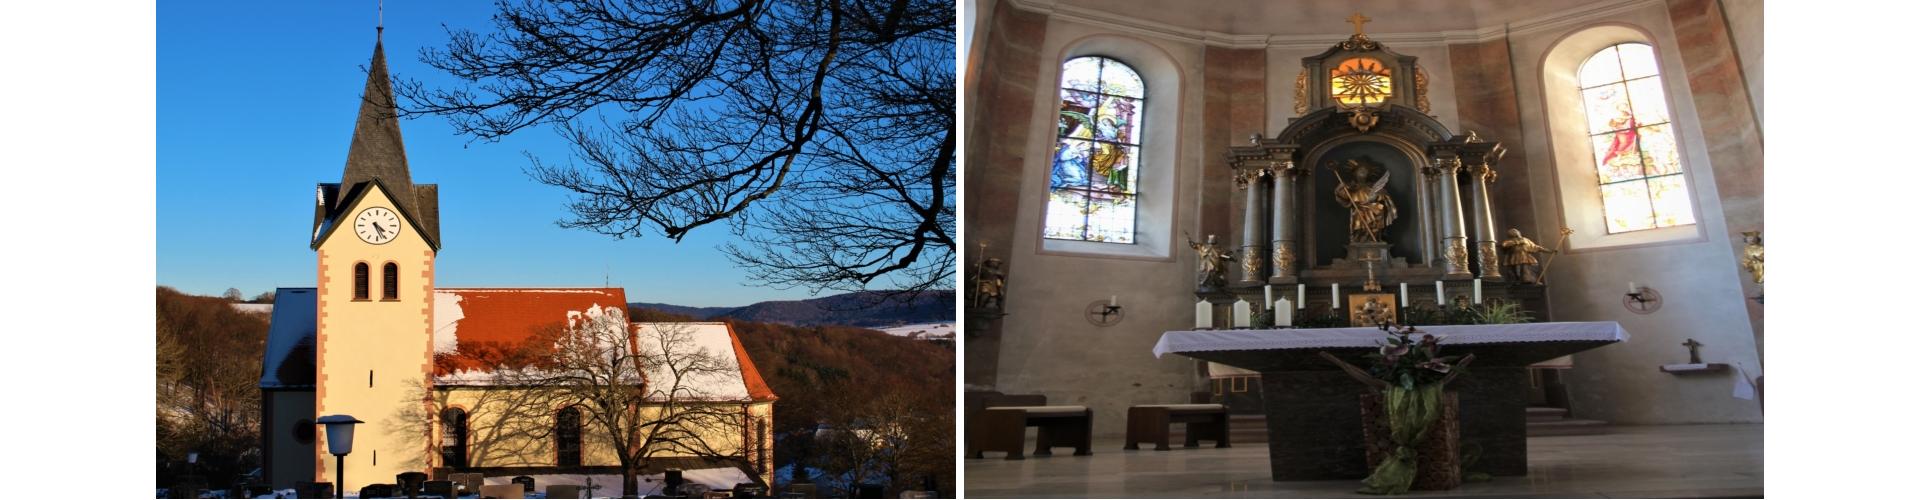 Kirche-Krombach-Slider-B-Kampfmann